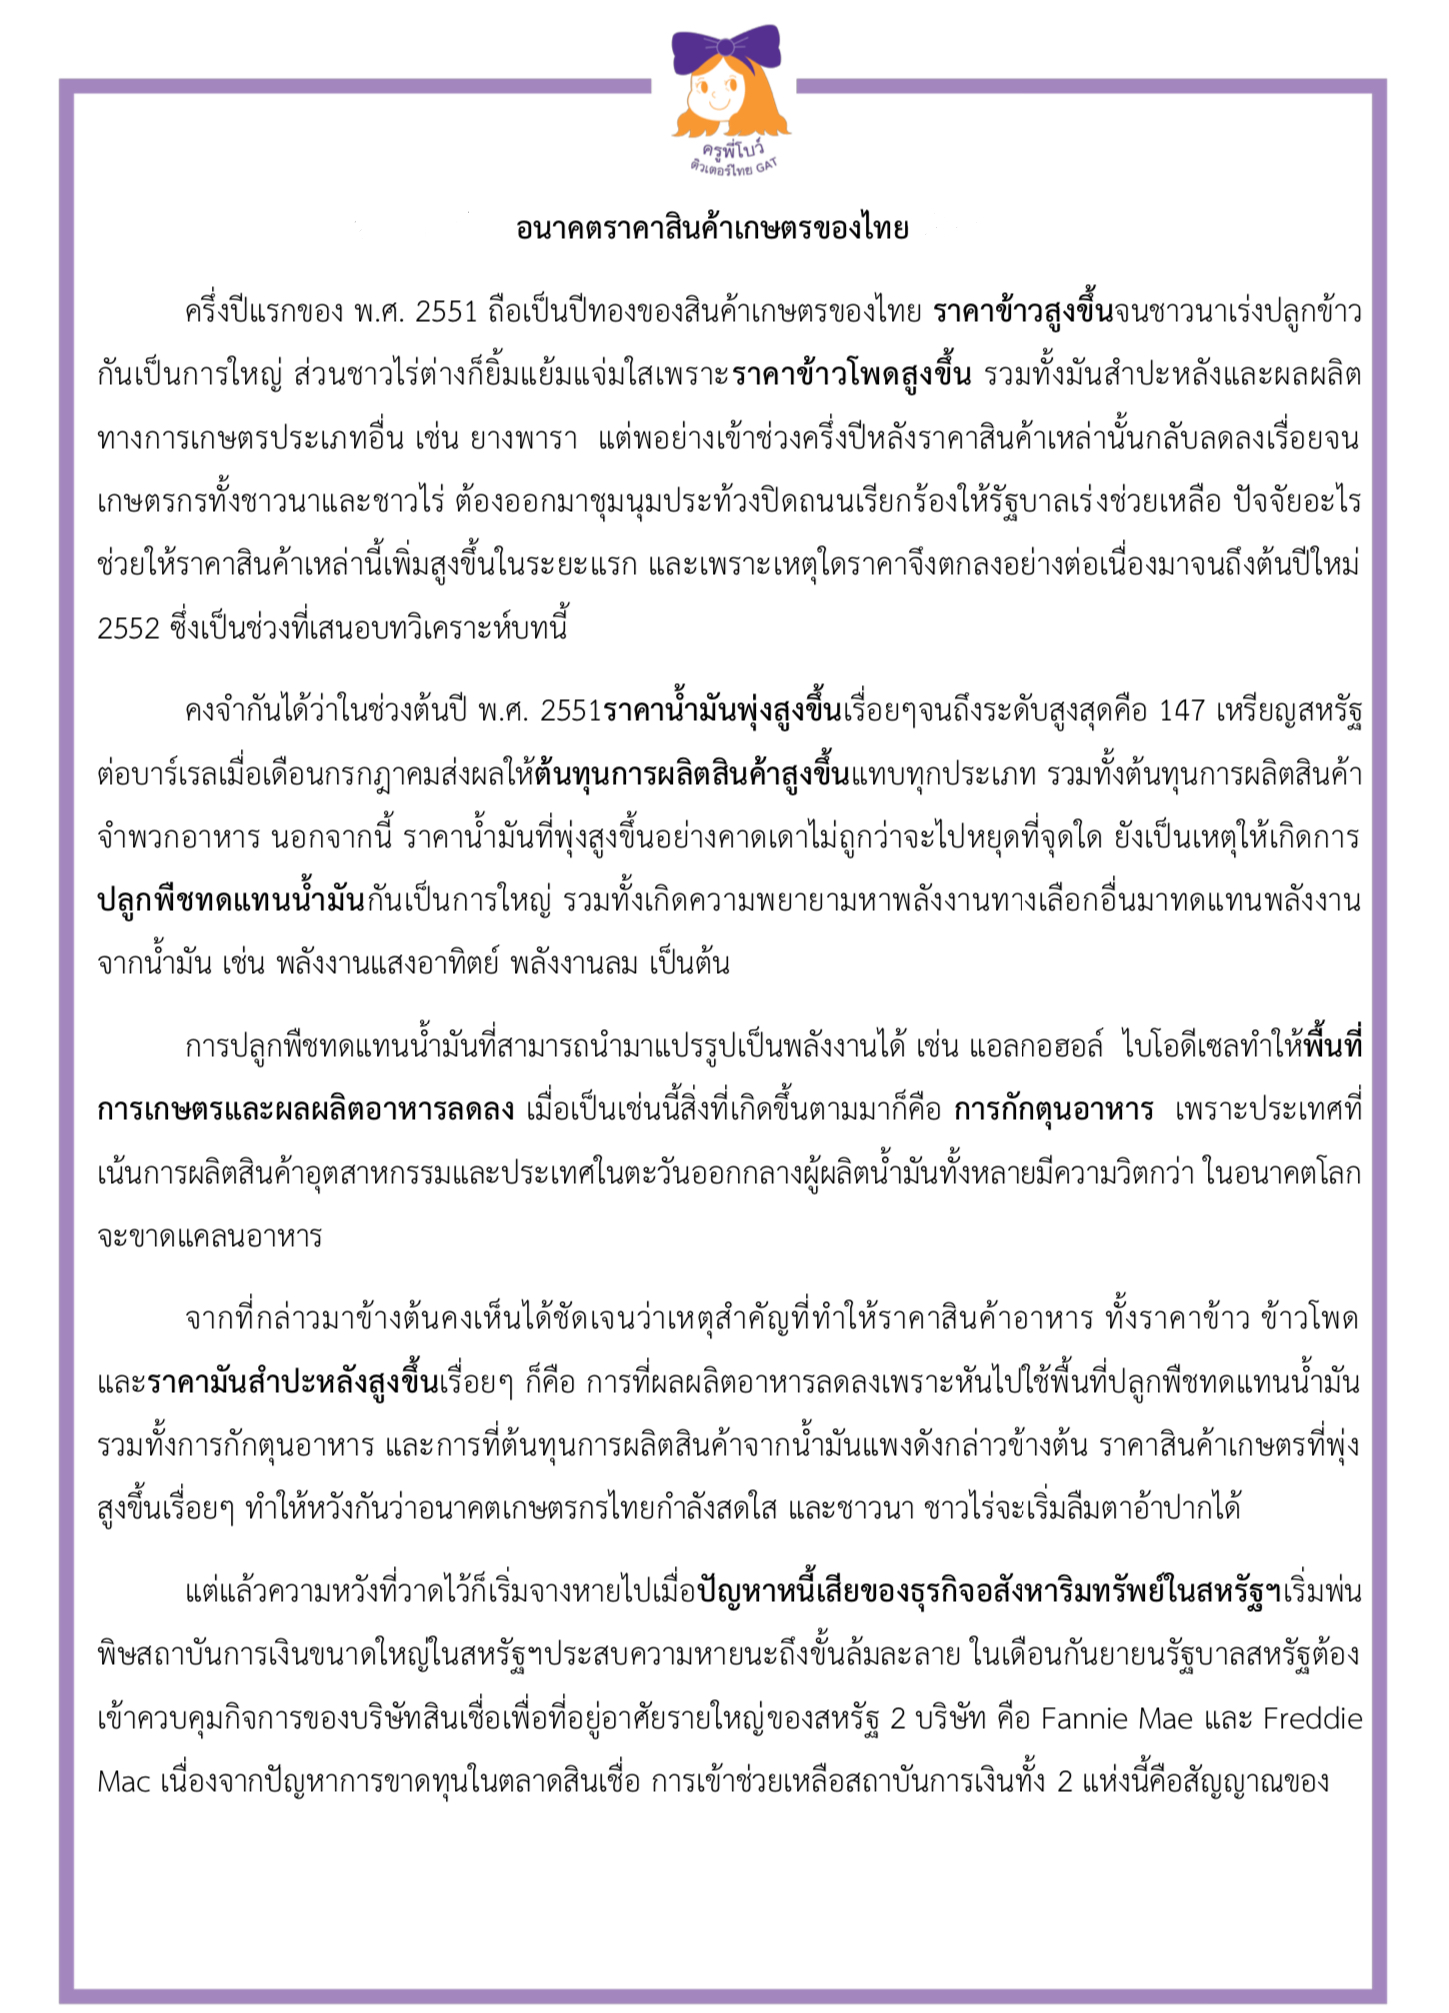 บทความเรื่อง อนาคตราคาสินค้าเกษตรของไทย - เทคนิค GAT เชื่อมโยง